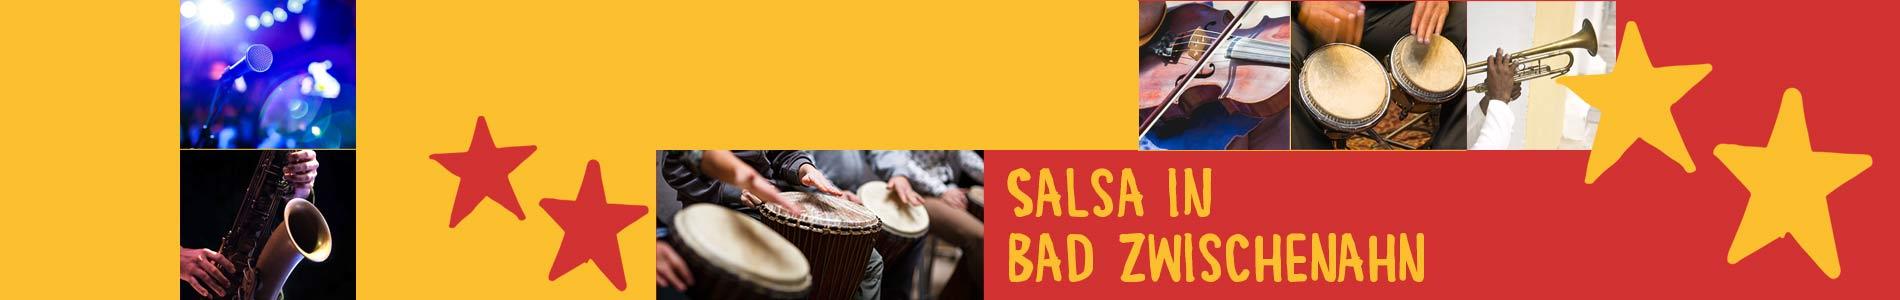 Salsa in Bad Zwischenahn – Salsa lernen und tanzen, Tanzkurse, Partys, Veranstaltungen